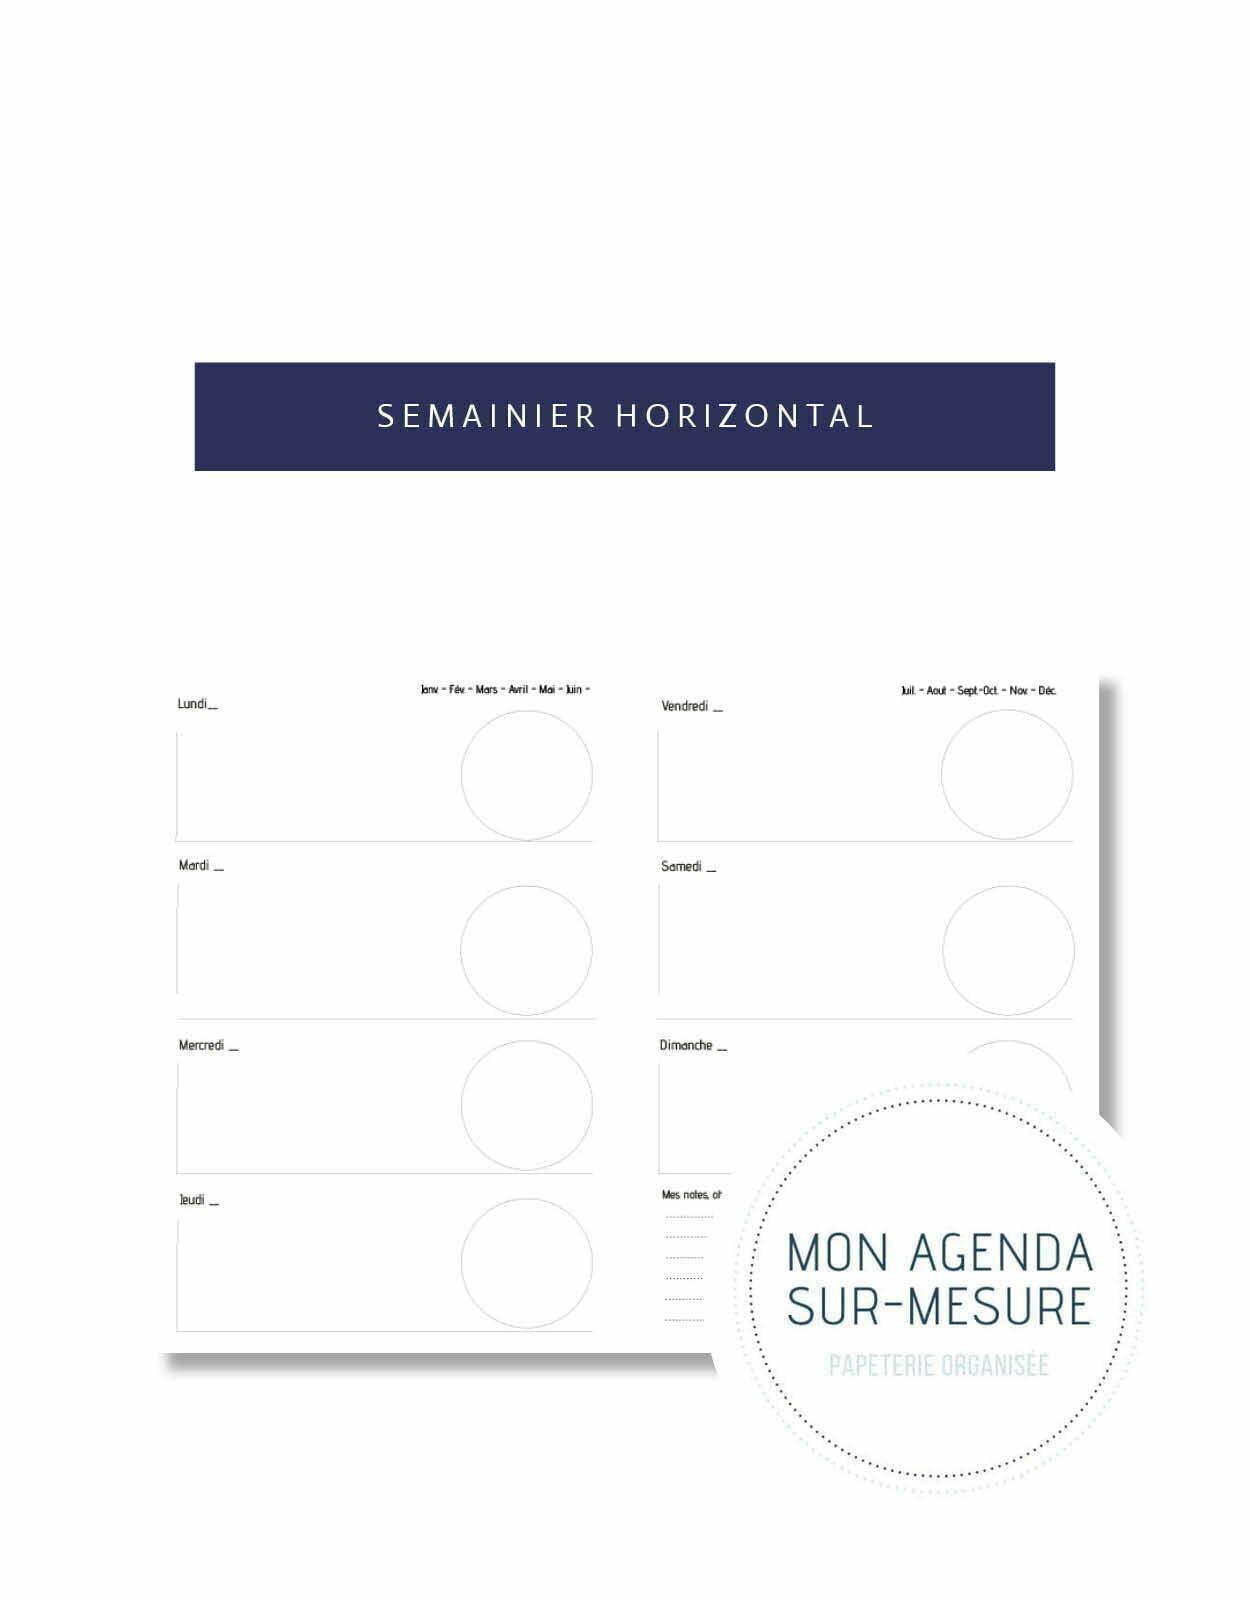 page-agenda-sur-mesure-semainier-horizontal